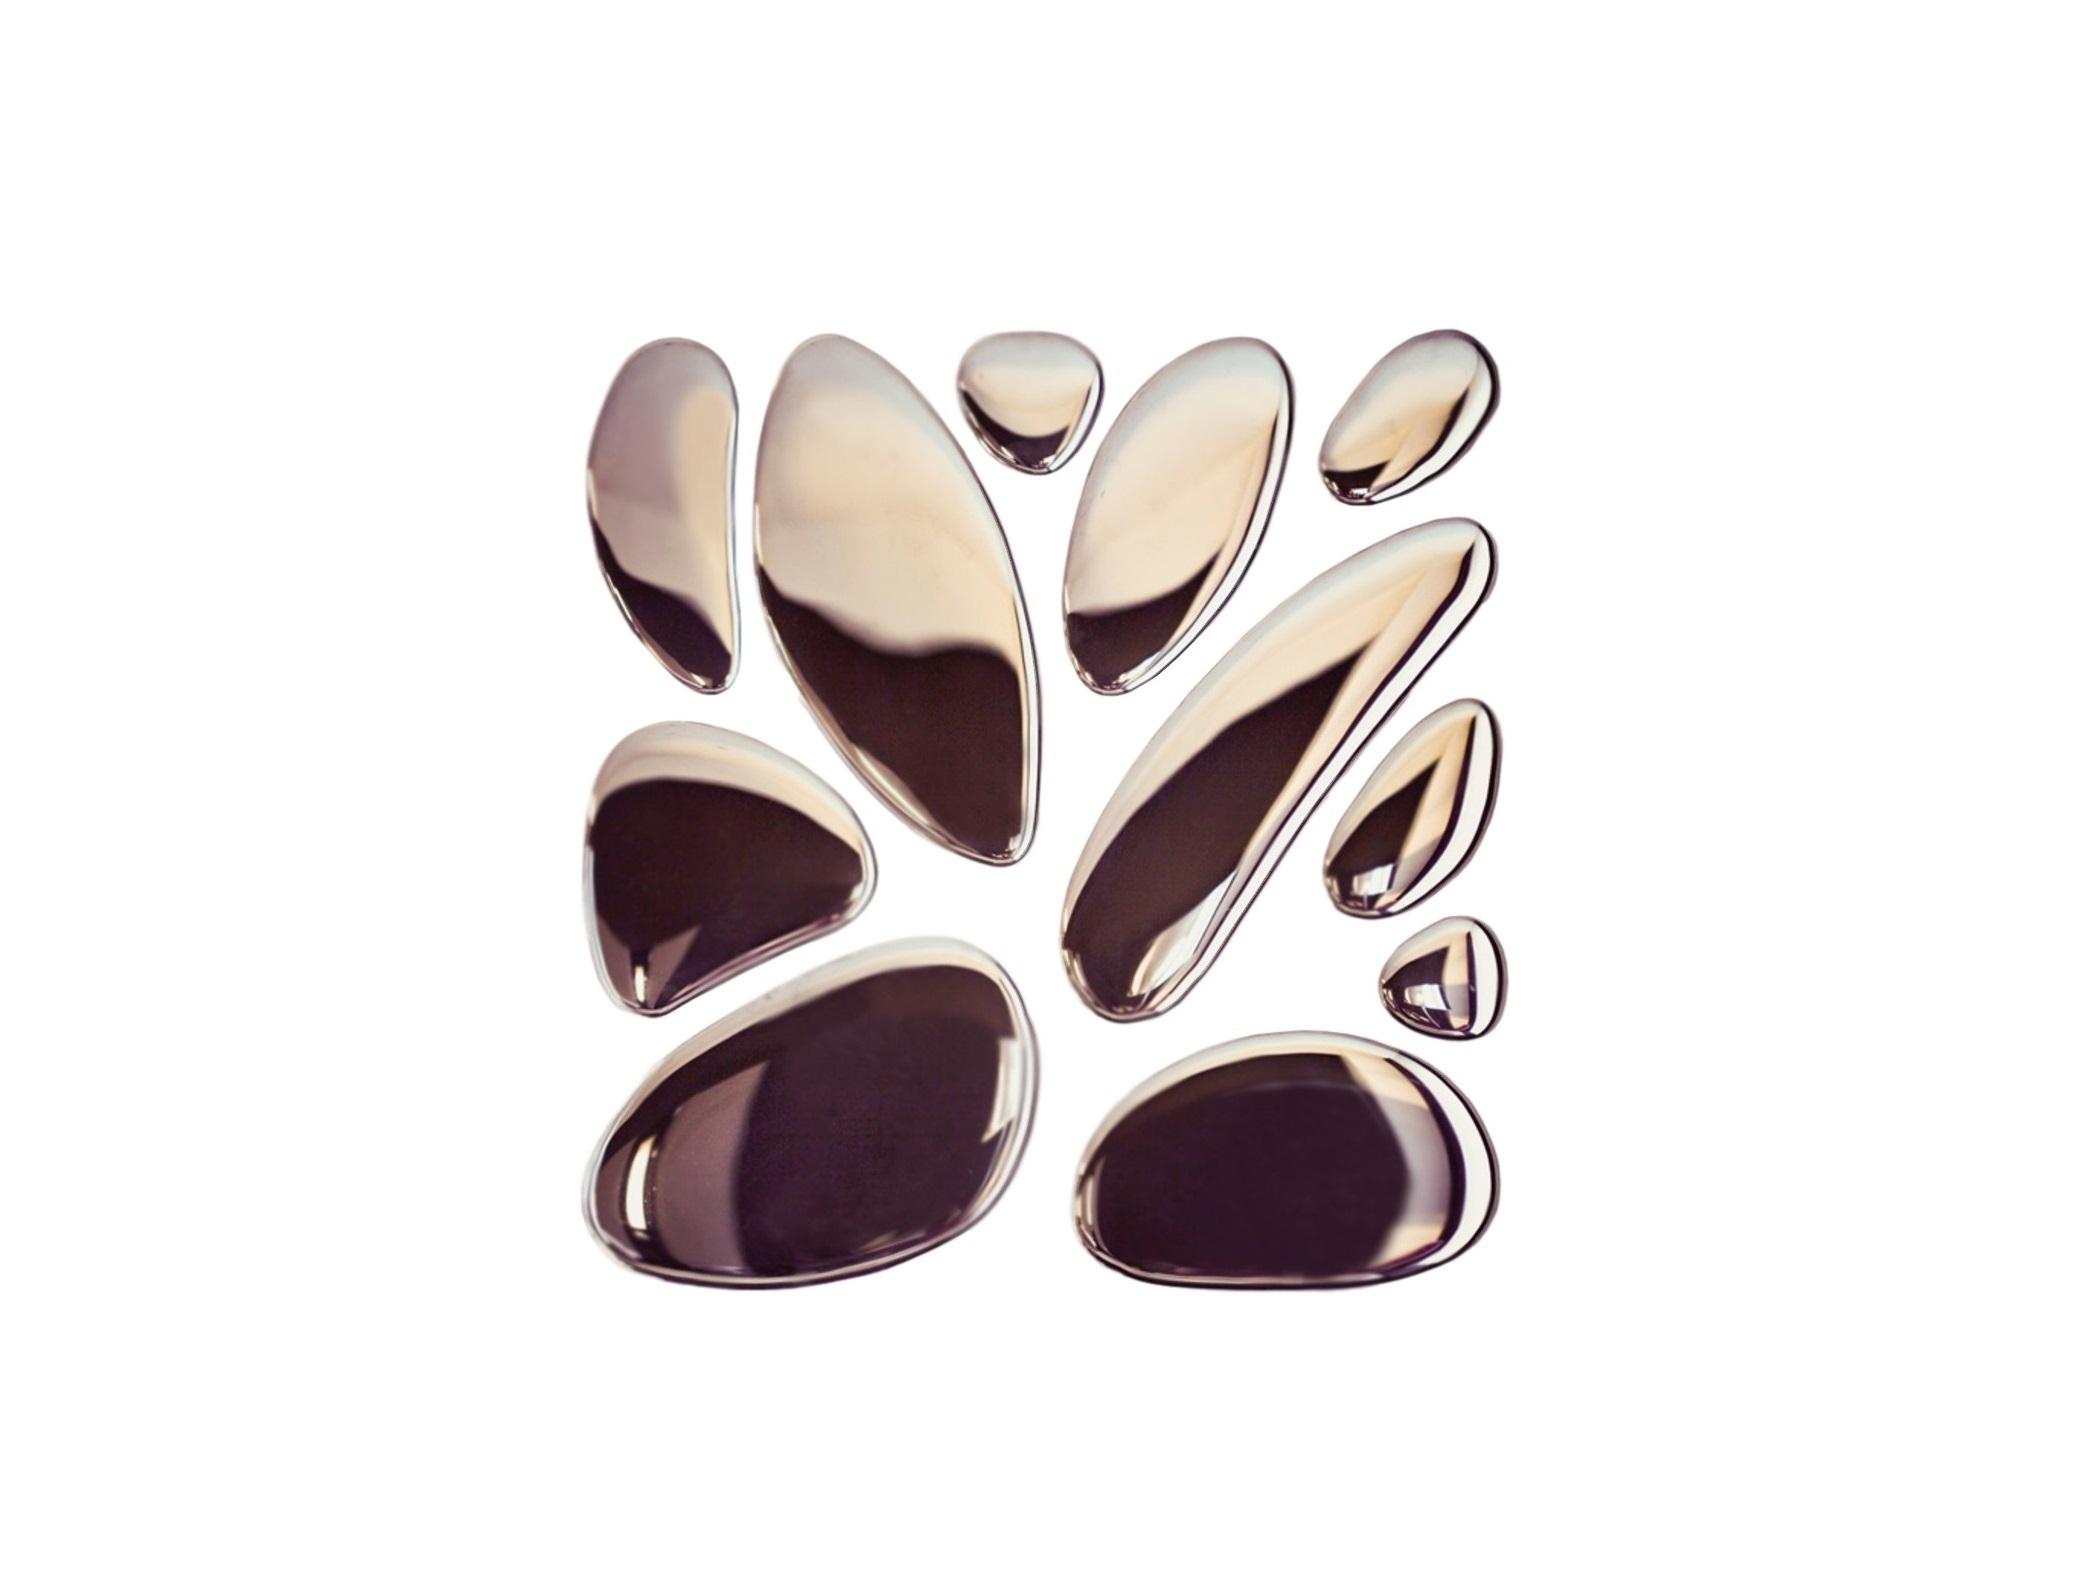 Композиция 11 капель SilverПанно<br>Элегантная композиция, состоящая из отдельных зеркальных капель, с легкостью станет главной изюминкой в вашем доме. Словно застывшие капельки ртути, или расплавленный металл – фантазировать о том, что же послужило вдохновением при создании композиции 11 Капель, можно бесконечно. Этот оригинальный декор станет прекрасным дополнением в дизайне, как общественного, так и приватного интерьера. 11 зеркальных капель разной величины легко фиксируются на клей к любой поверхности и формируют удивительную композицию. Эти 11 капель – образец безупречной работы и настоящего мастерства. Клей в комплекте не идет. Есть трафарет.<br><br>Material: Стекло<br>Width см: 105<br>Depth см: 1<br>Height см: 105